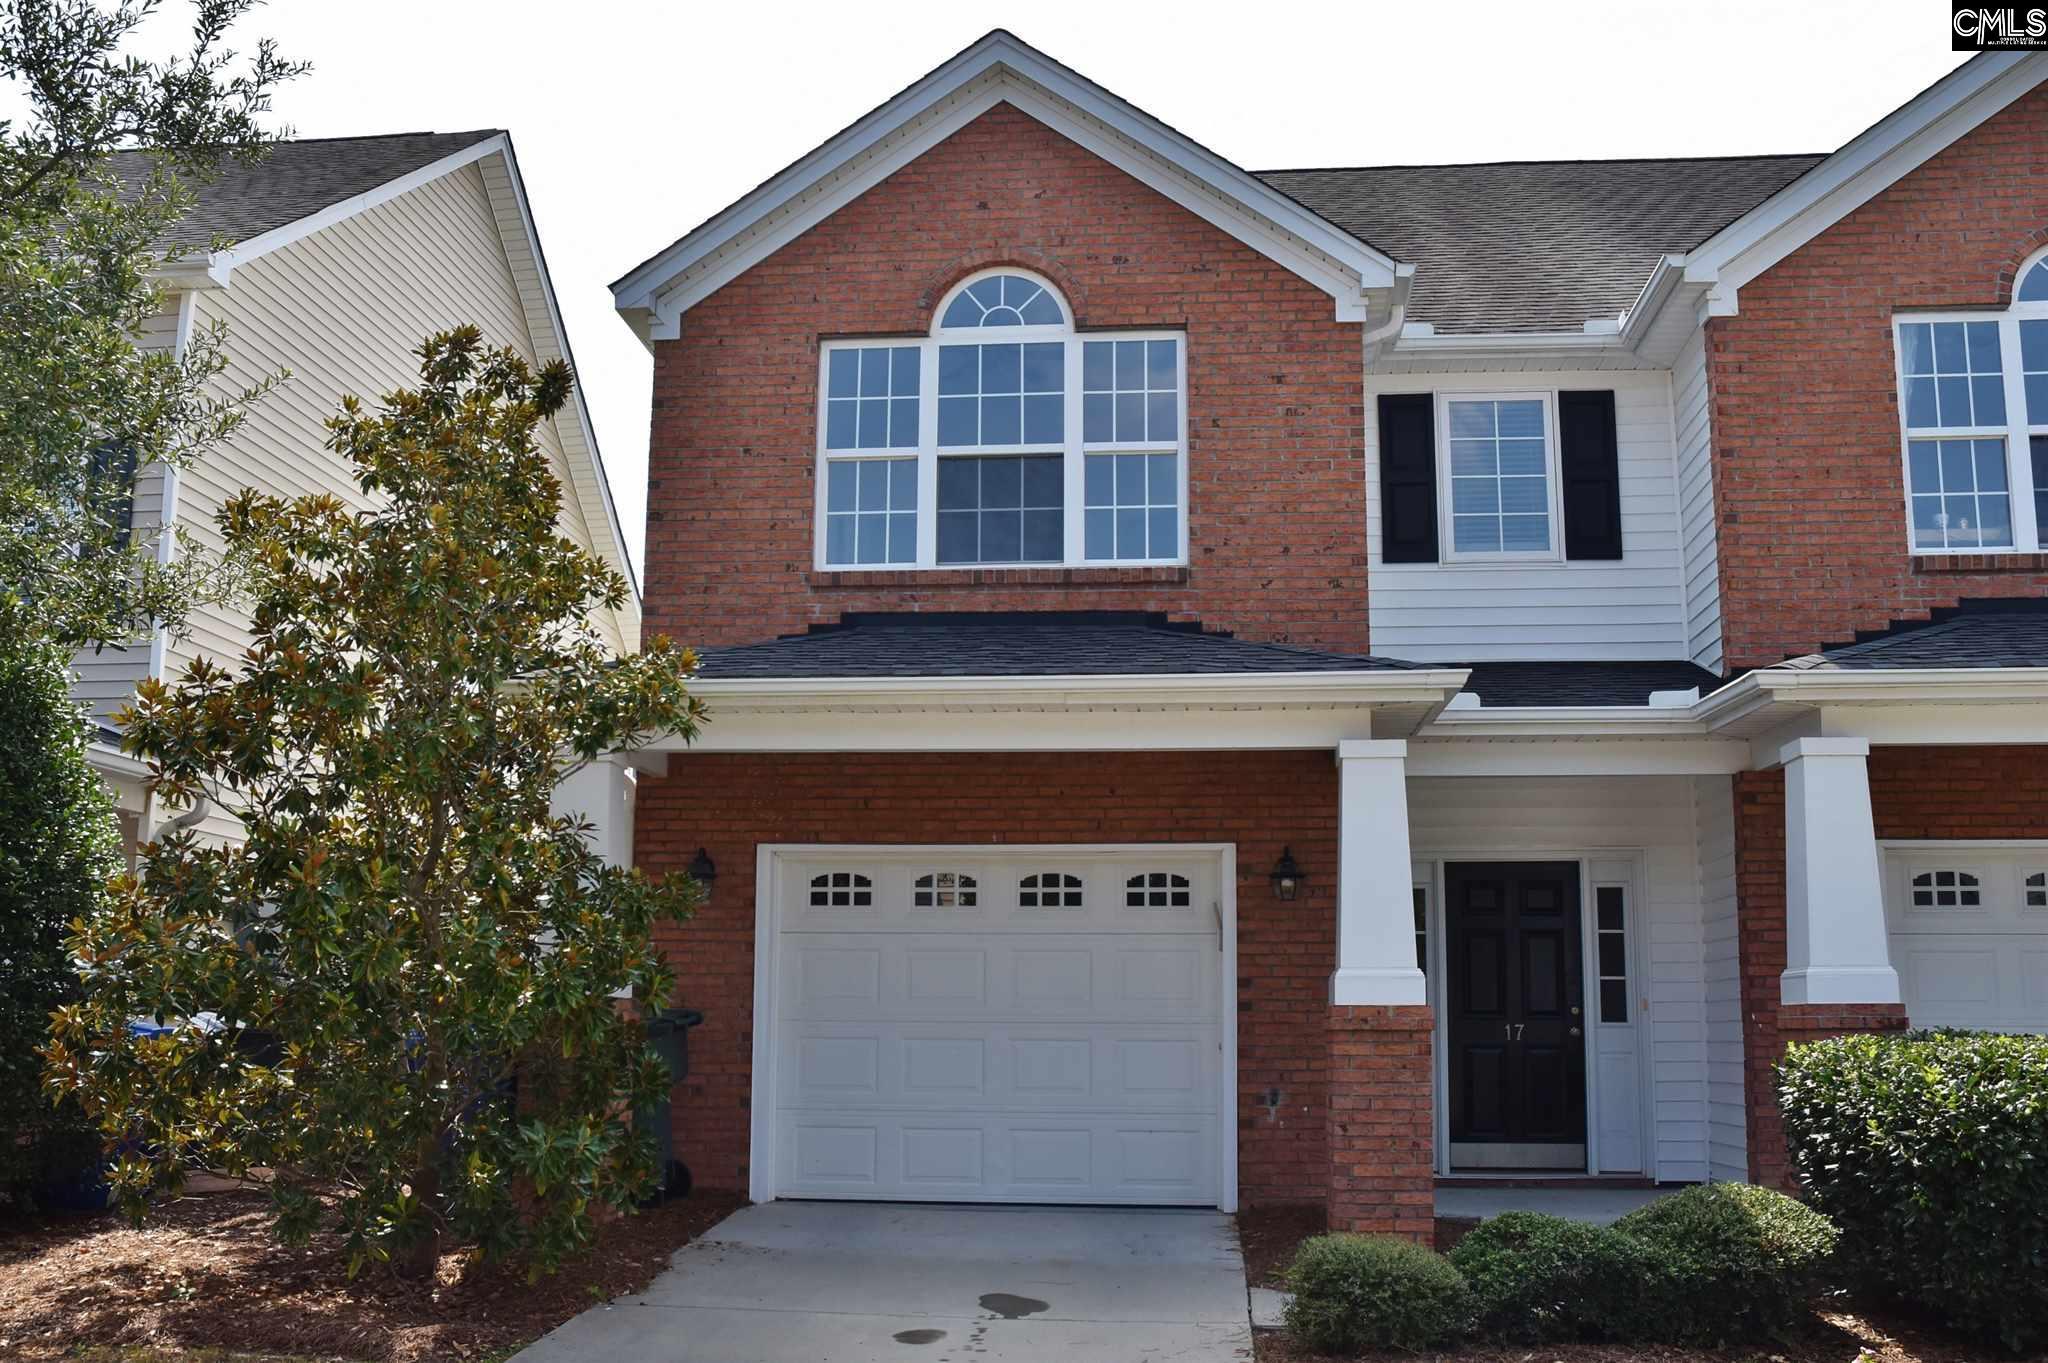 17  Braiden Manor Columbia, SC 29209-2189